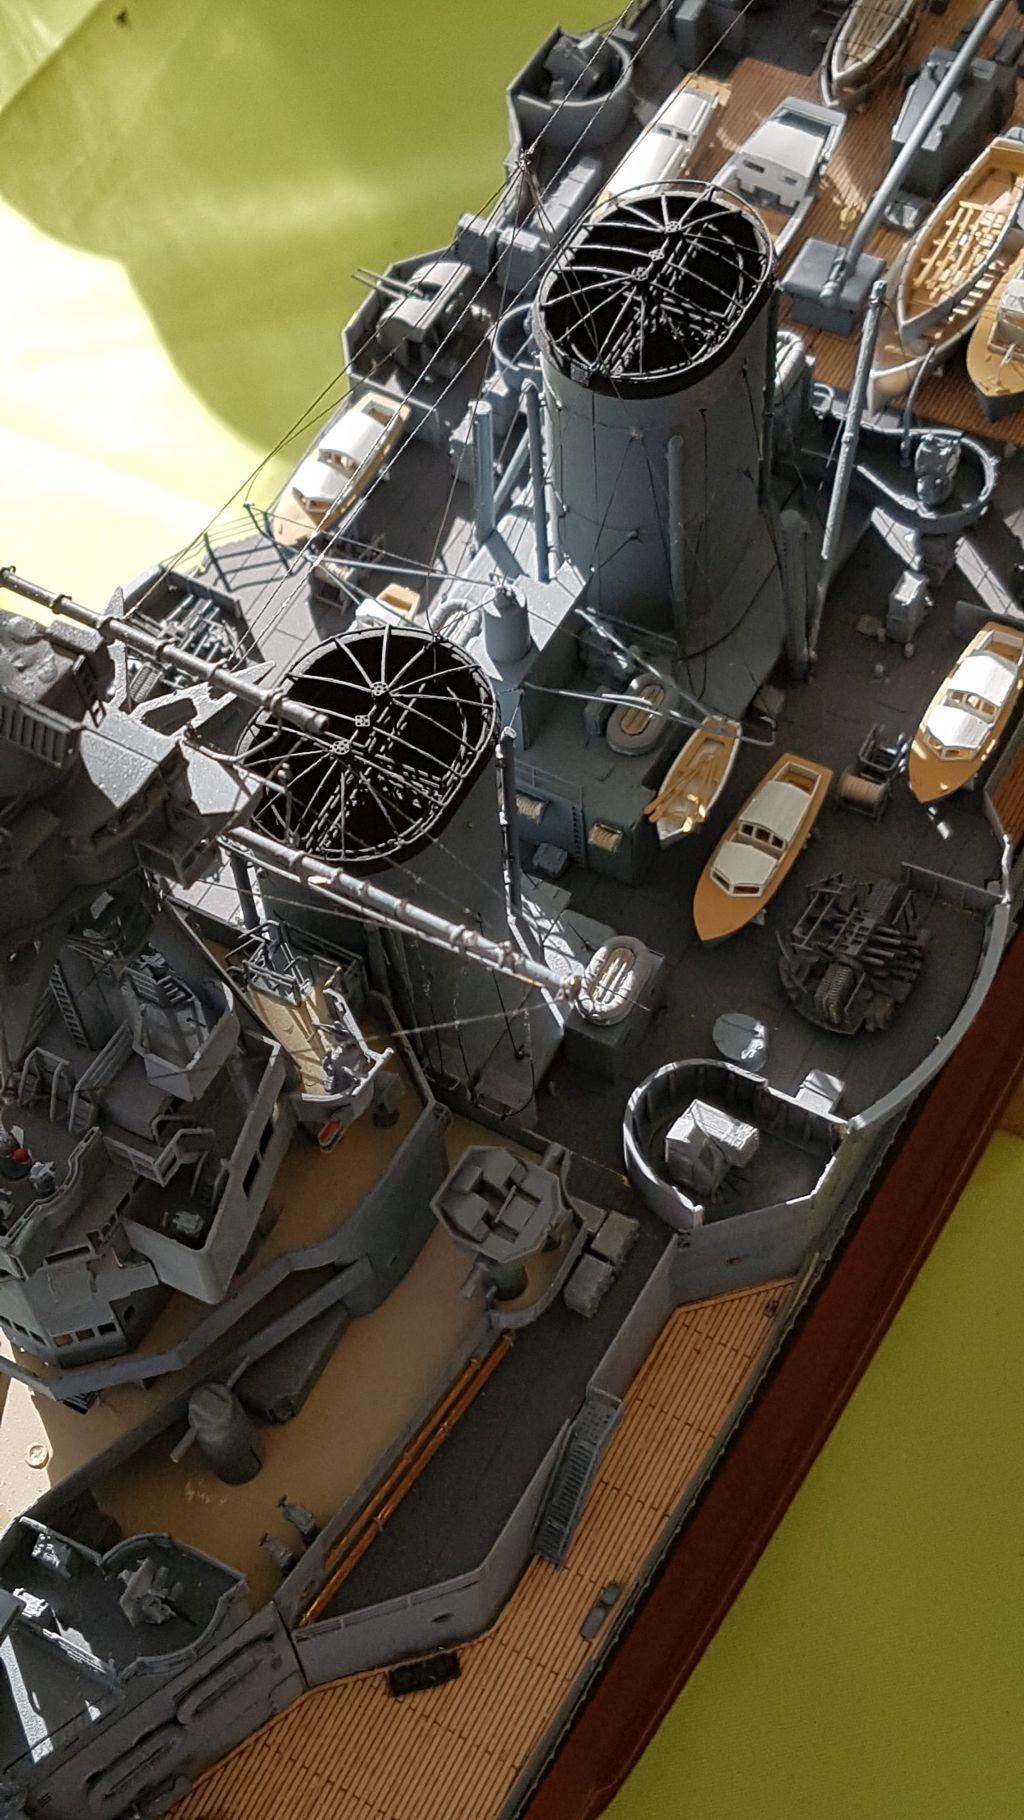 HMS HOOD 1:200 von Hachette gebaut von arrowsmodell - Seite 10 024_ho10